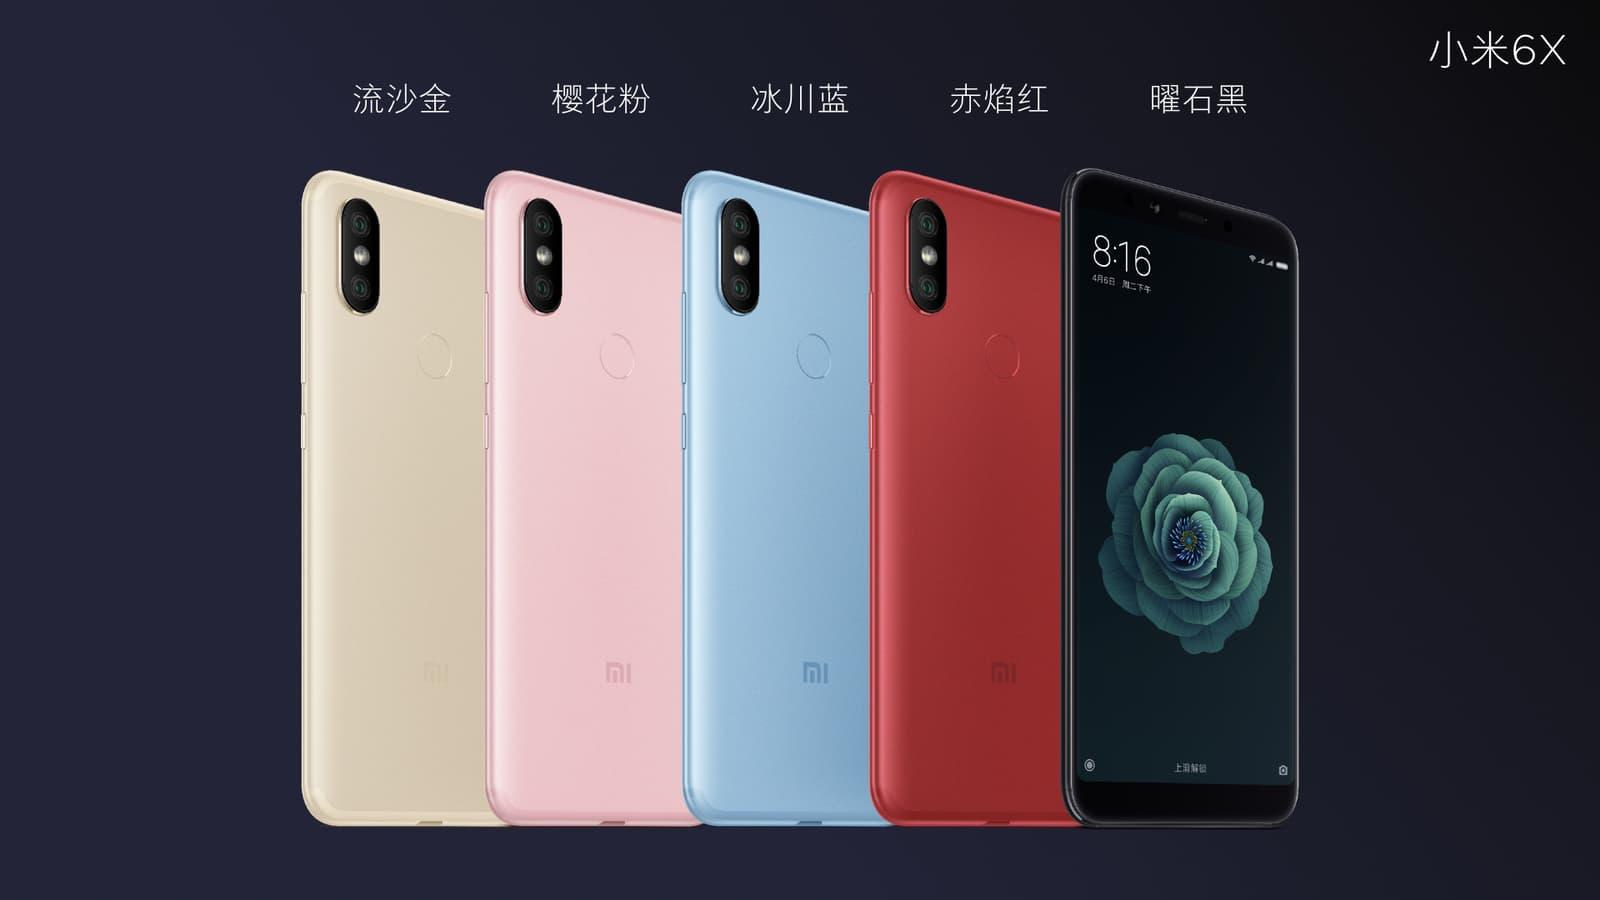 Xiaomi Mi A2 Buy Smartphone Compare Prices In Stores